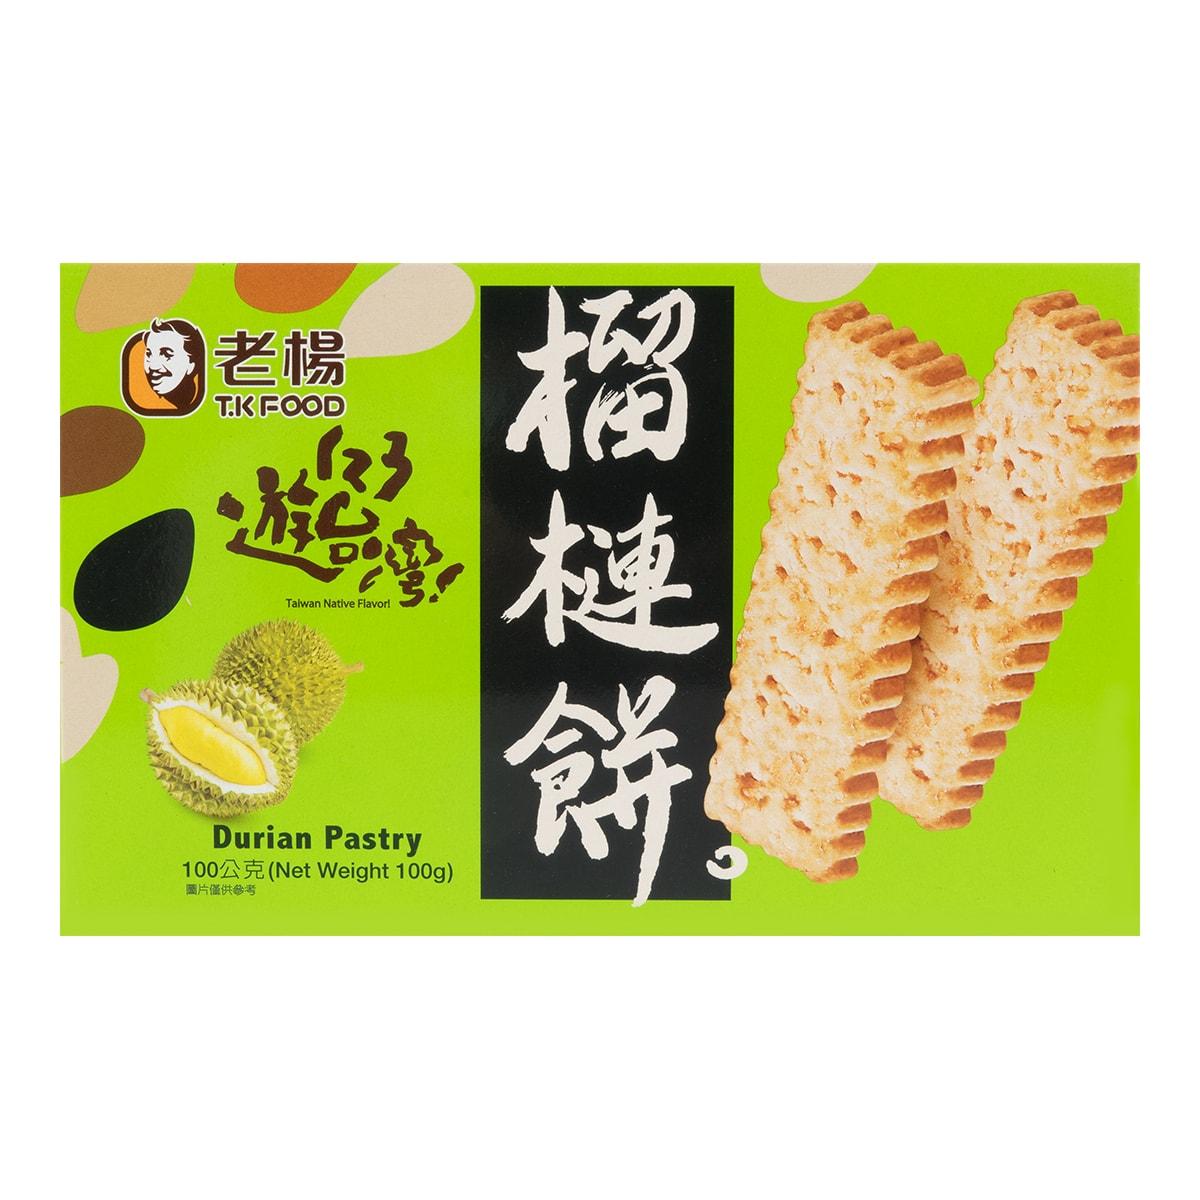 台湾老杨 榴莲饼 100g 怎么样 - 亚米网